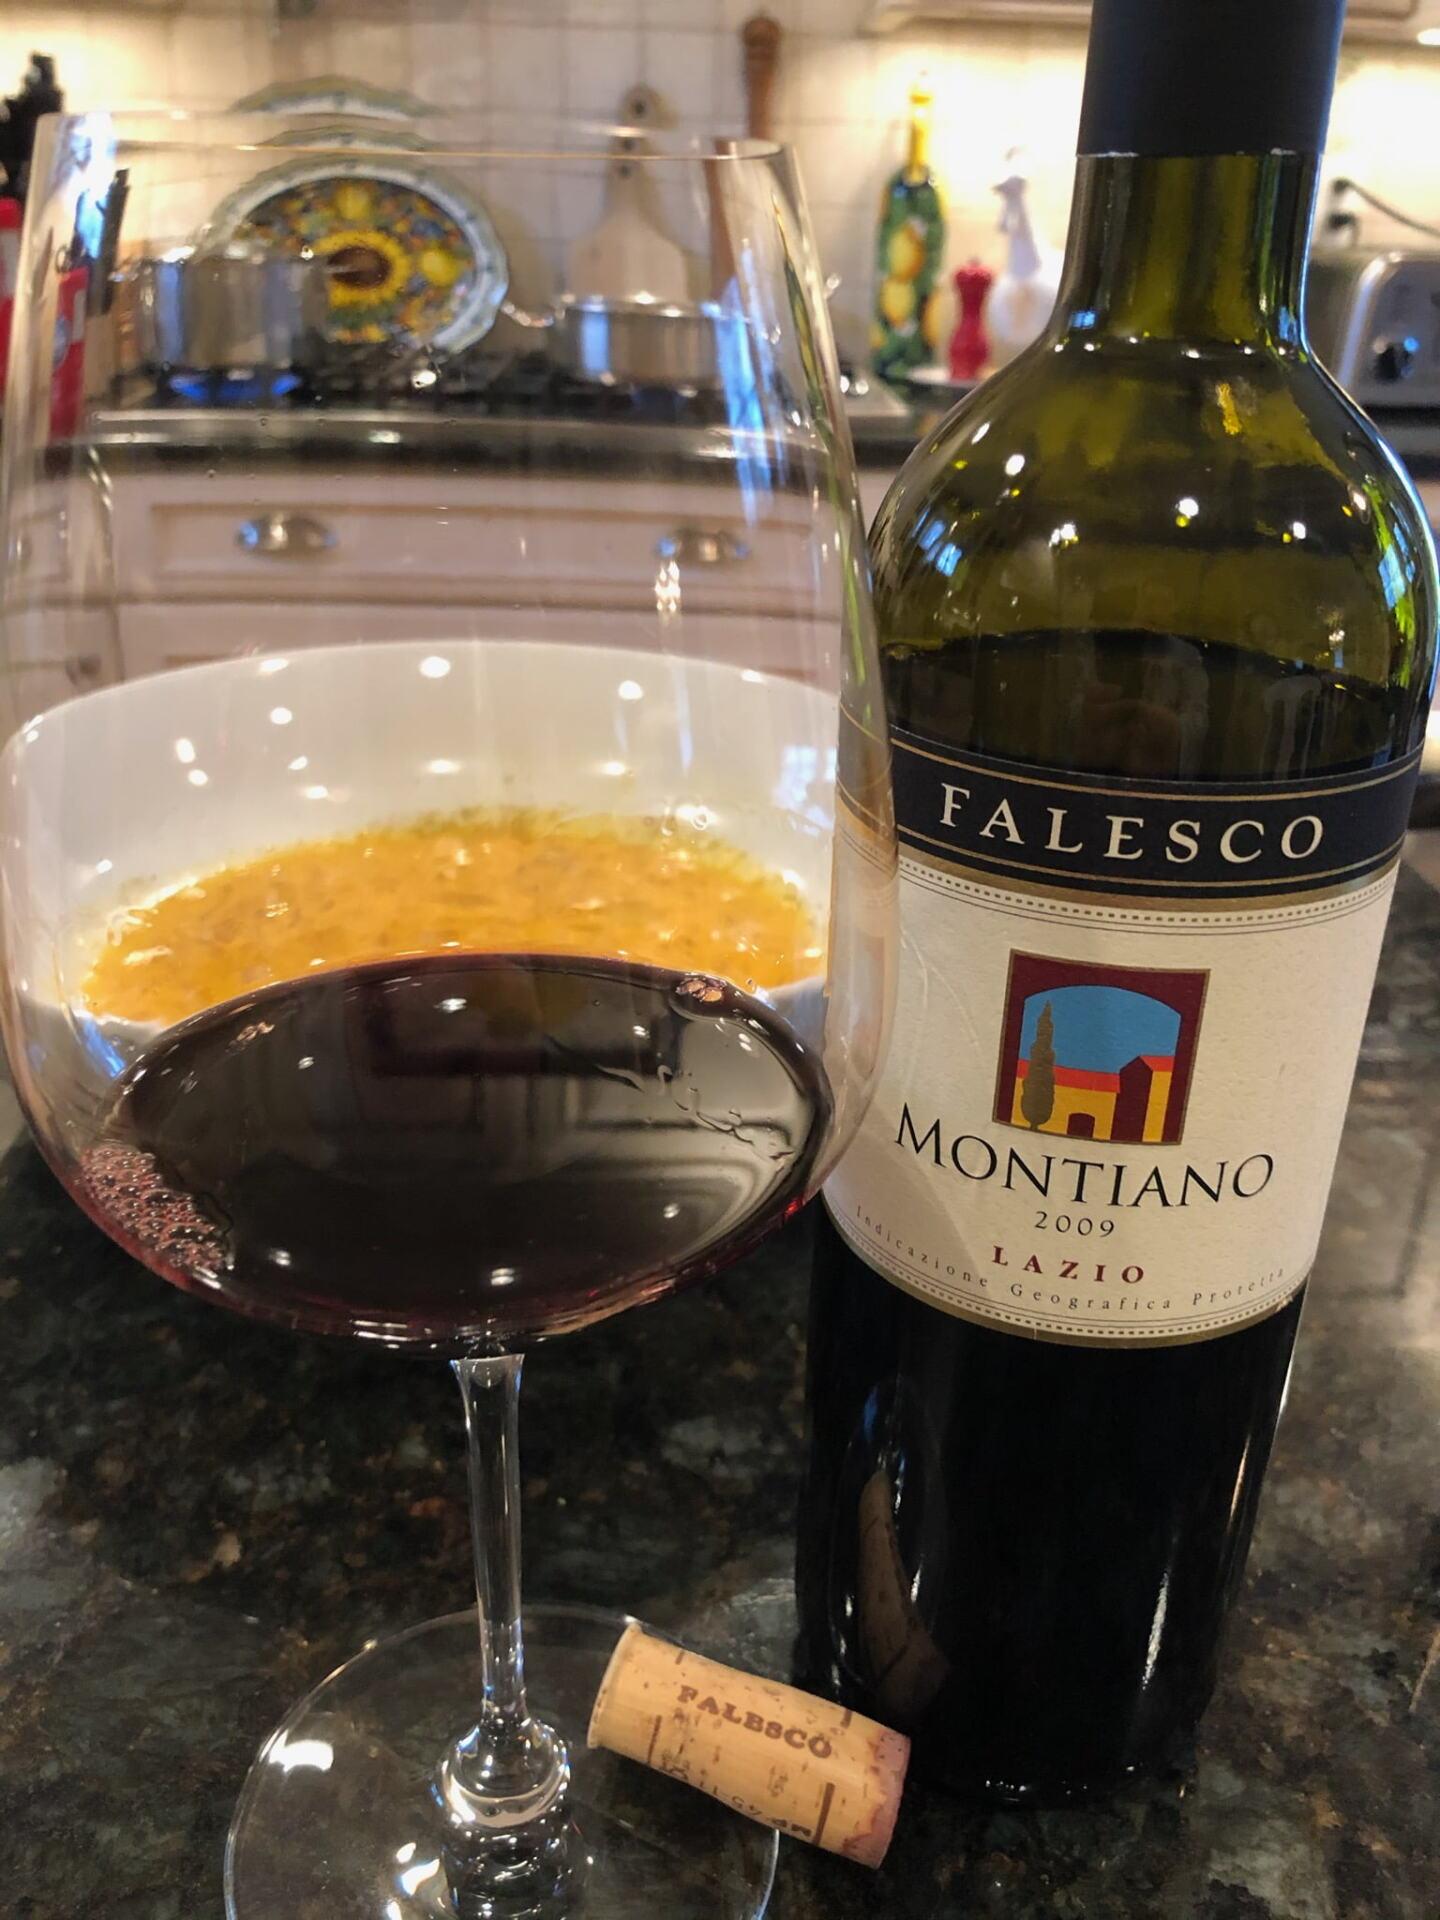 Bottle of Montiano Merlot